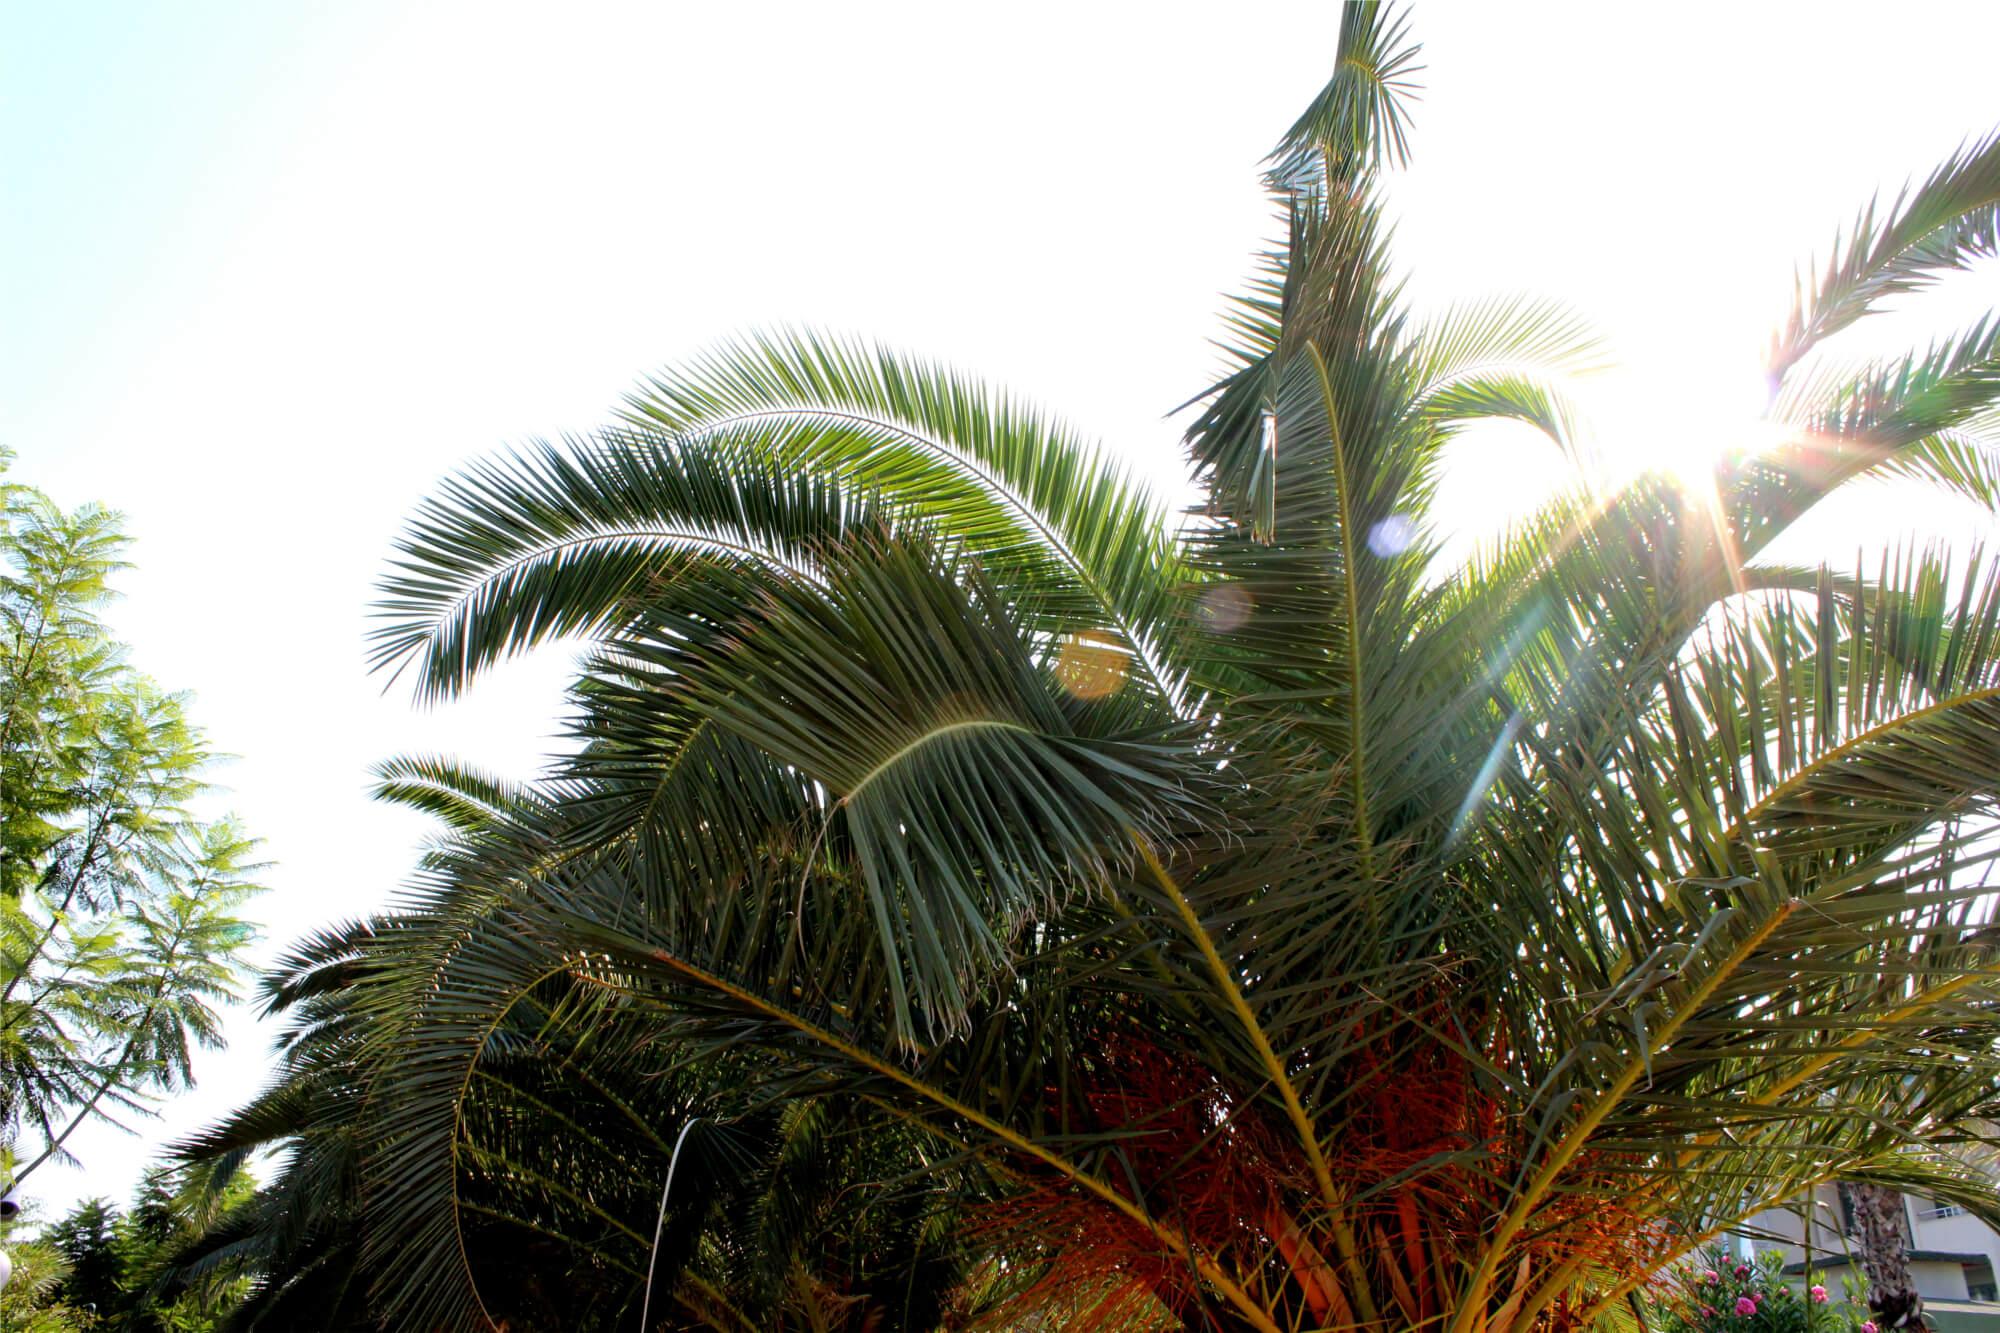 Palme im Hotel (Golden Beach)